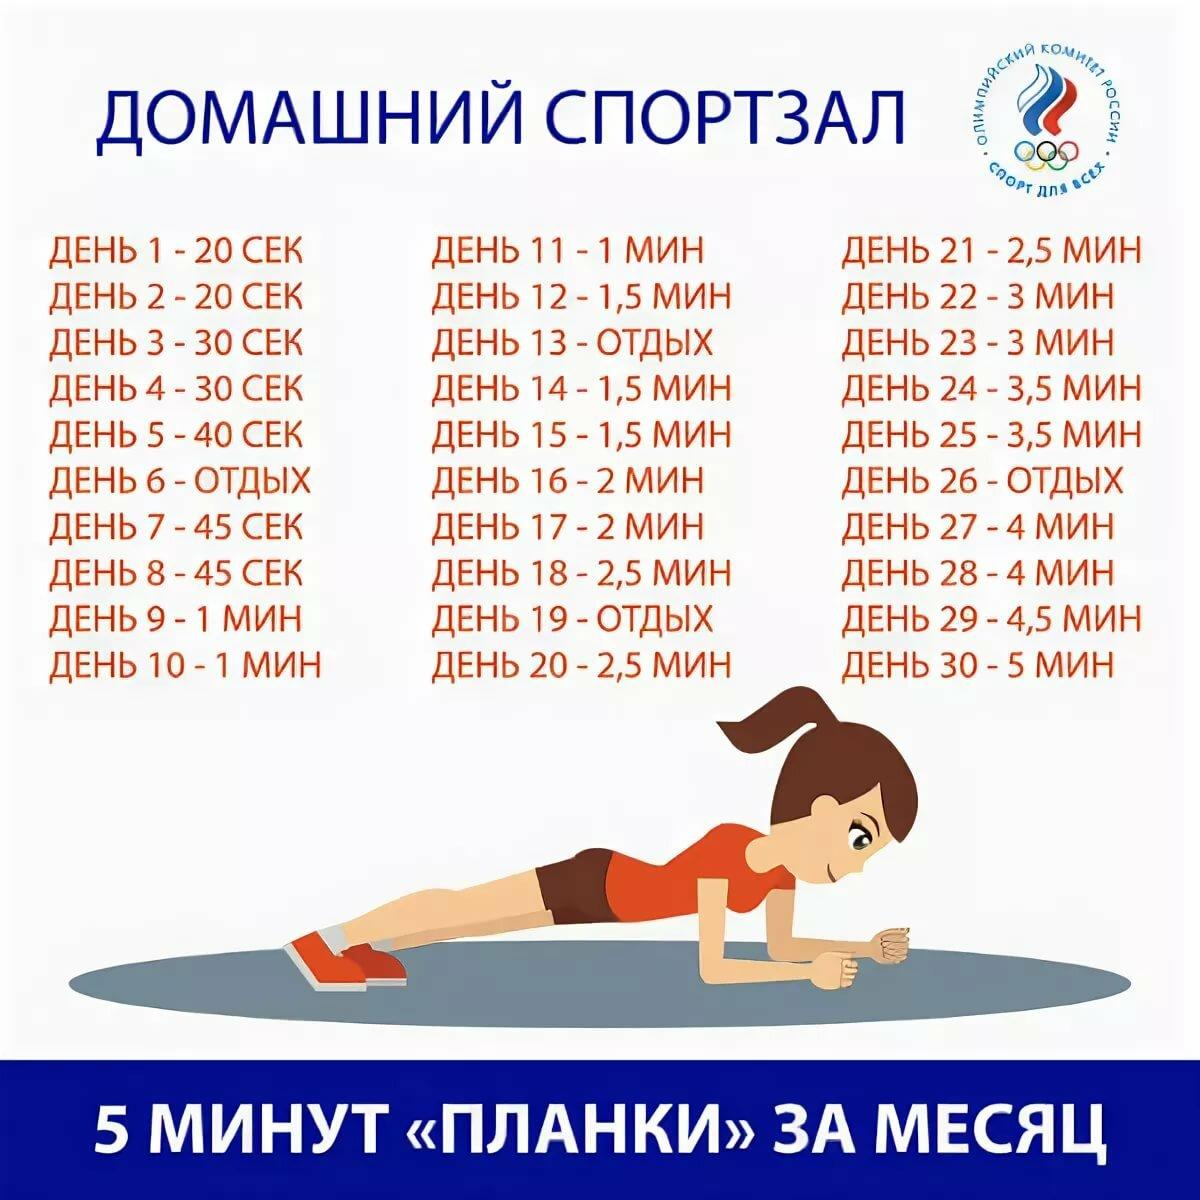 Эффективно Ли Упражнение Планка Для Похудения. Упражнение планка для похудения